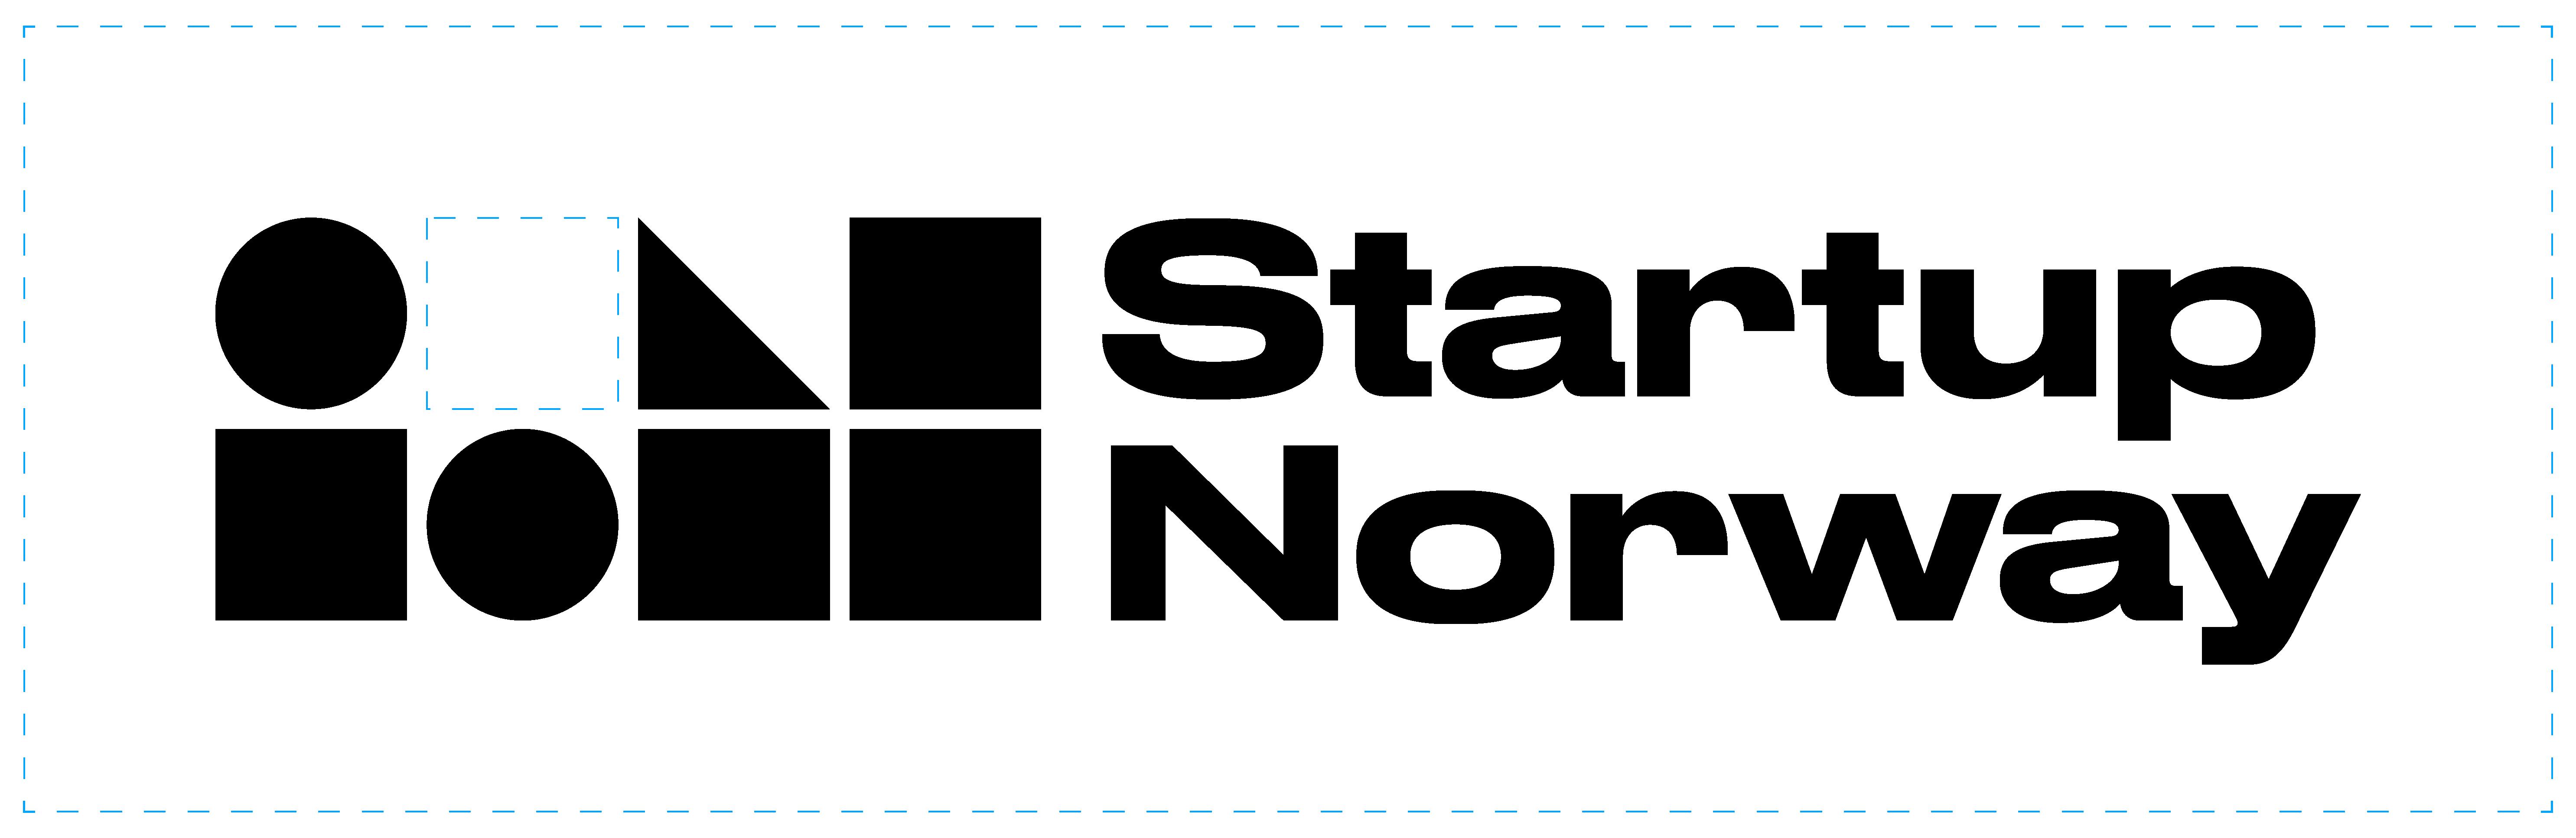 snlogosafezone-04